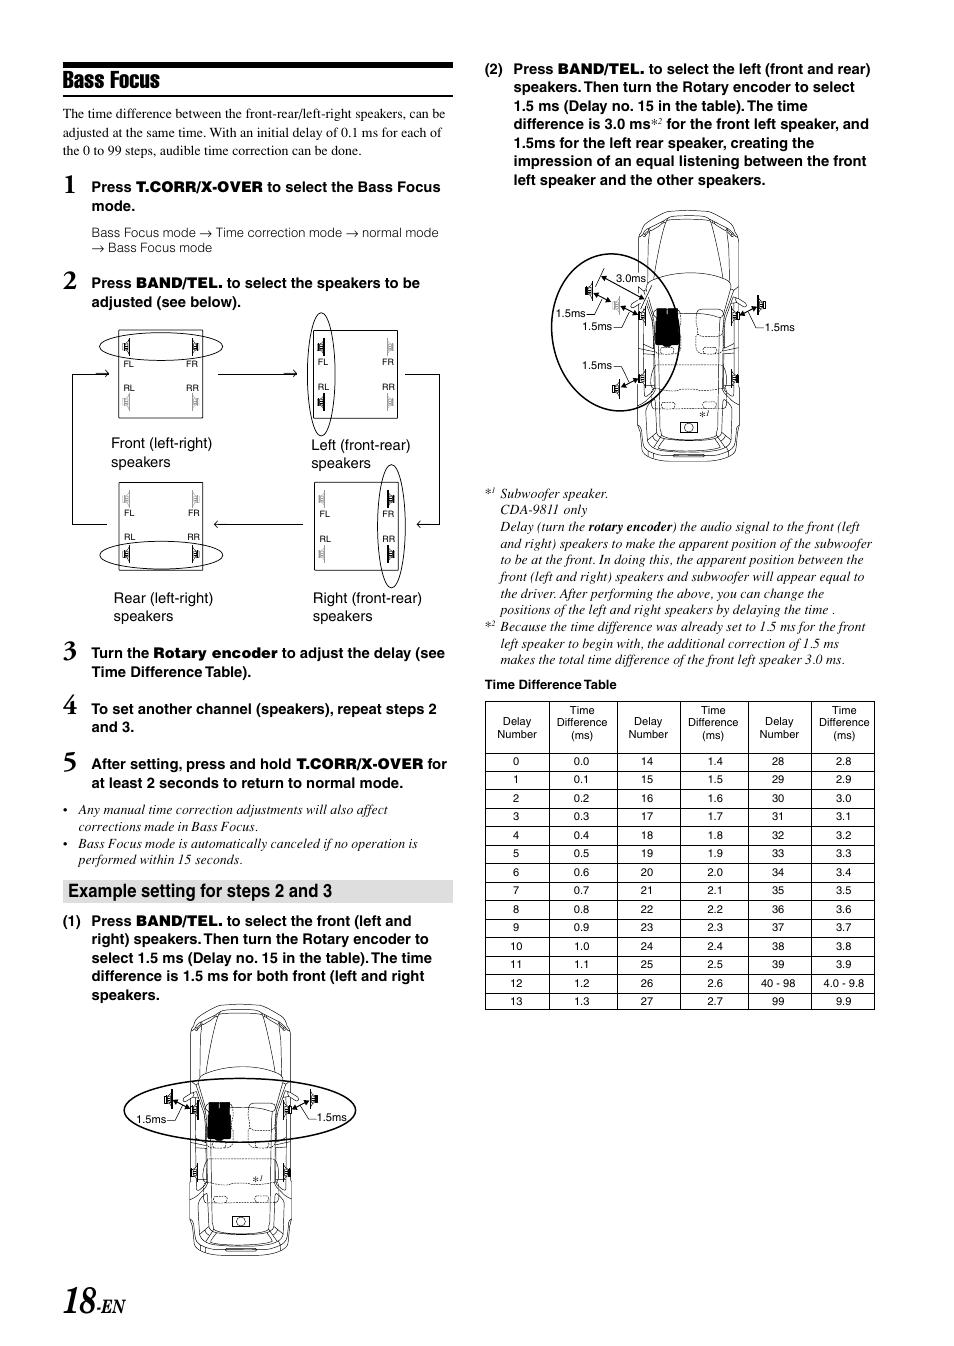 bass focus example setting for steps 2 and 3 alpine cda 9813 user rh manualsdir com Alpine CDA 9813 Specs Alpine CDA 9815